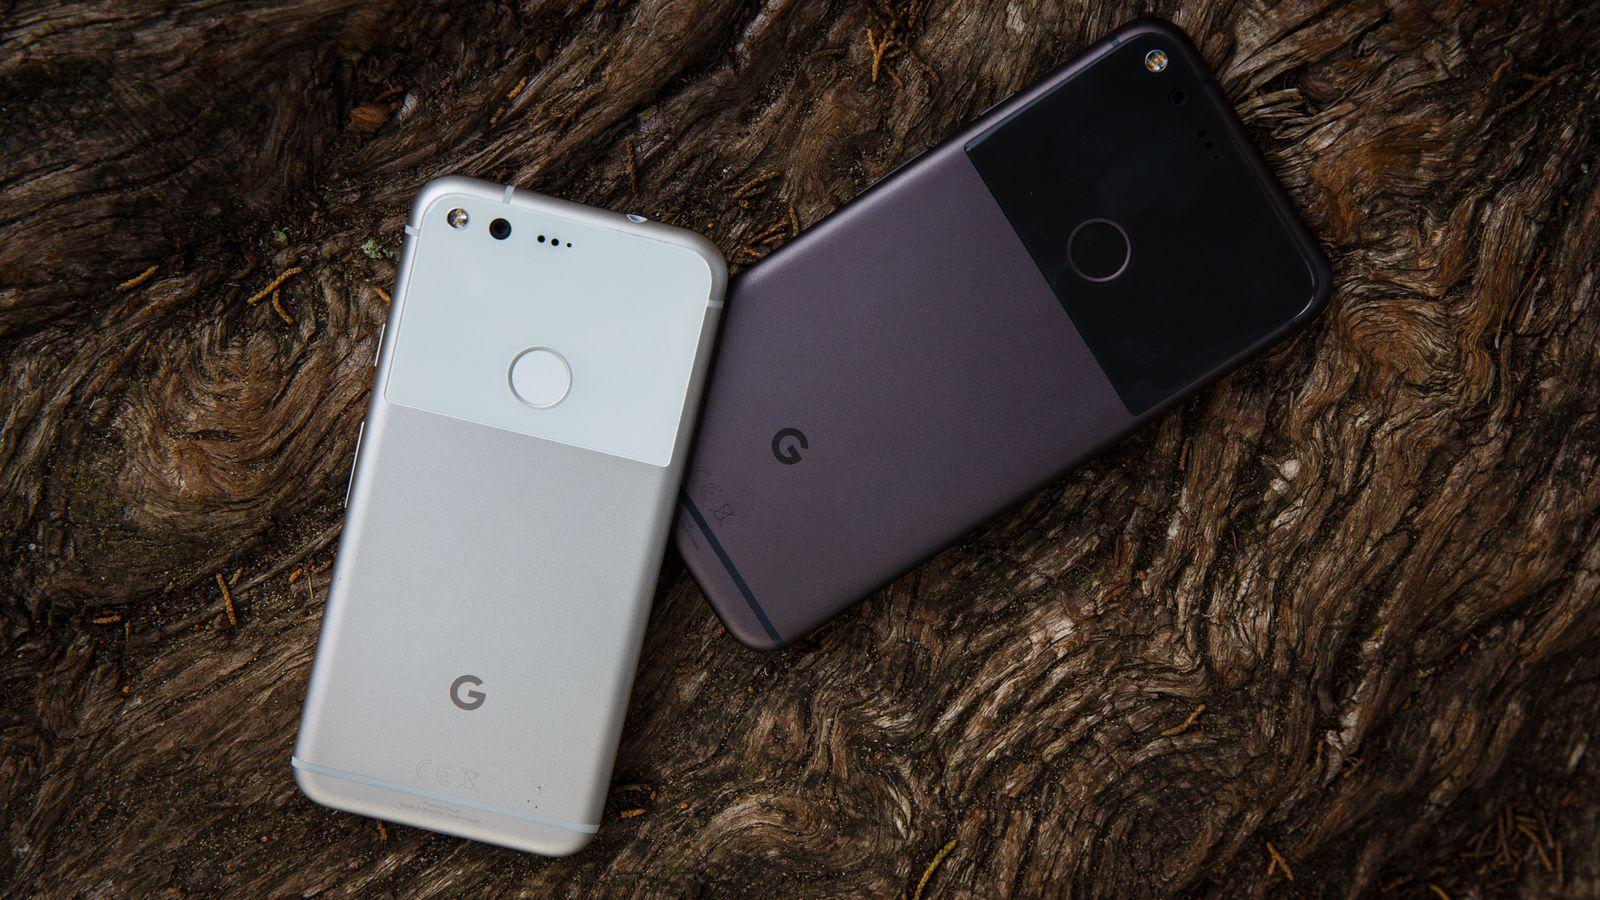 Descuentos masivos para Google Pixel y Pixel XL antes del lanzamiento de Pixel 2